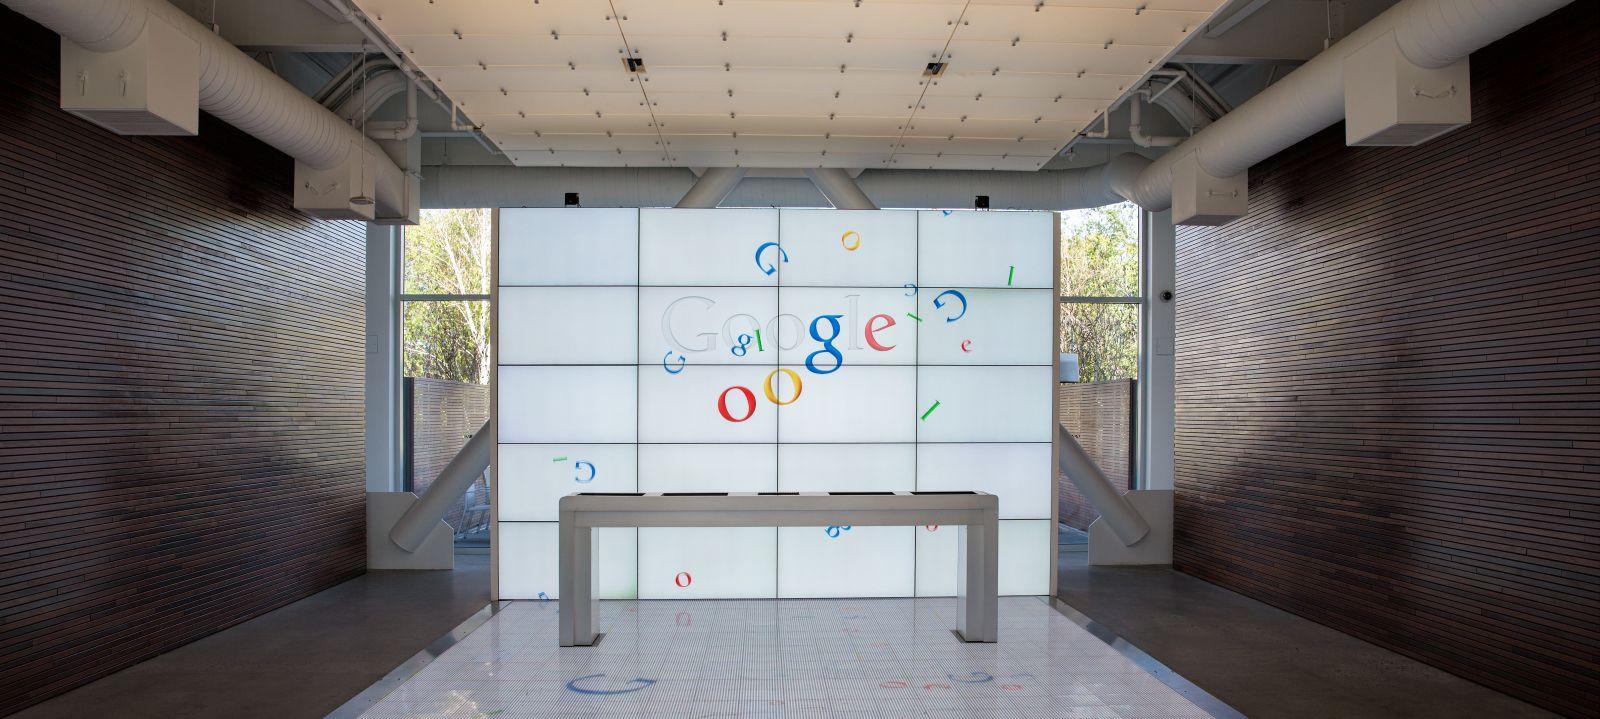 Google w Polsce będzie debatować nad prawem do bycia zapomnianym. Każdy może wziąć udział